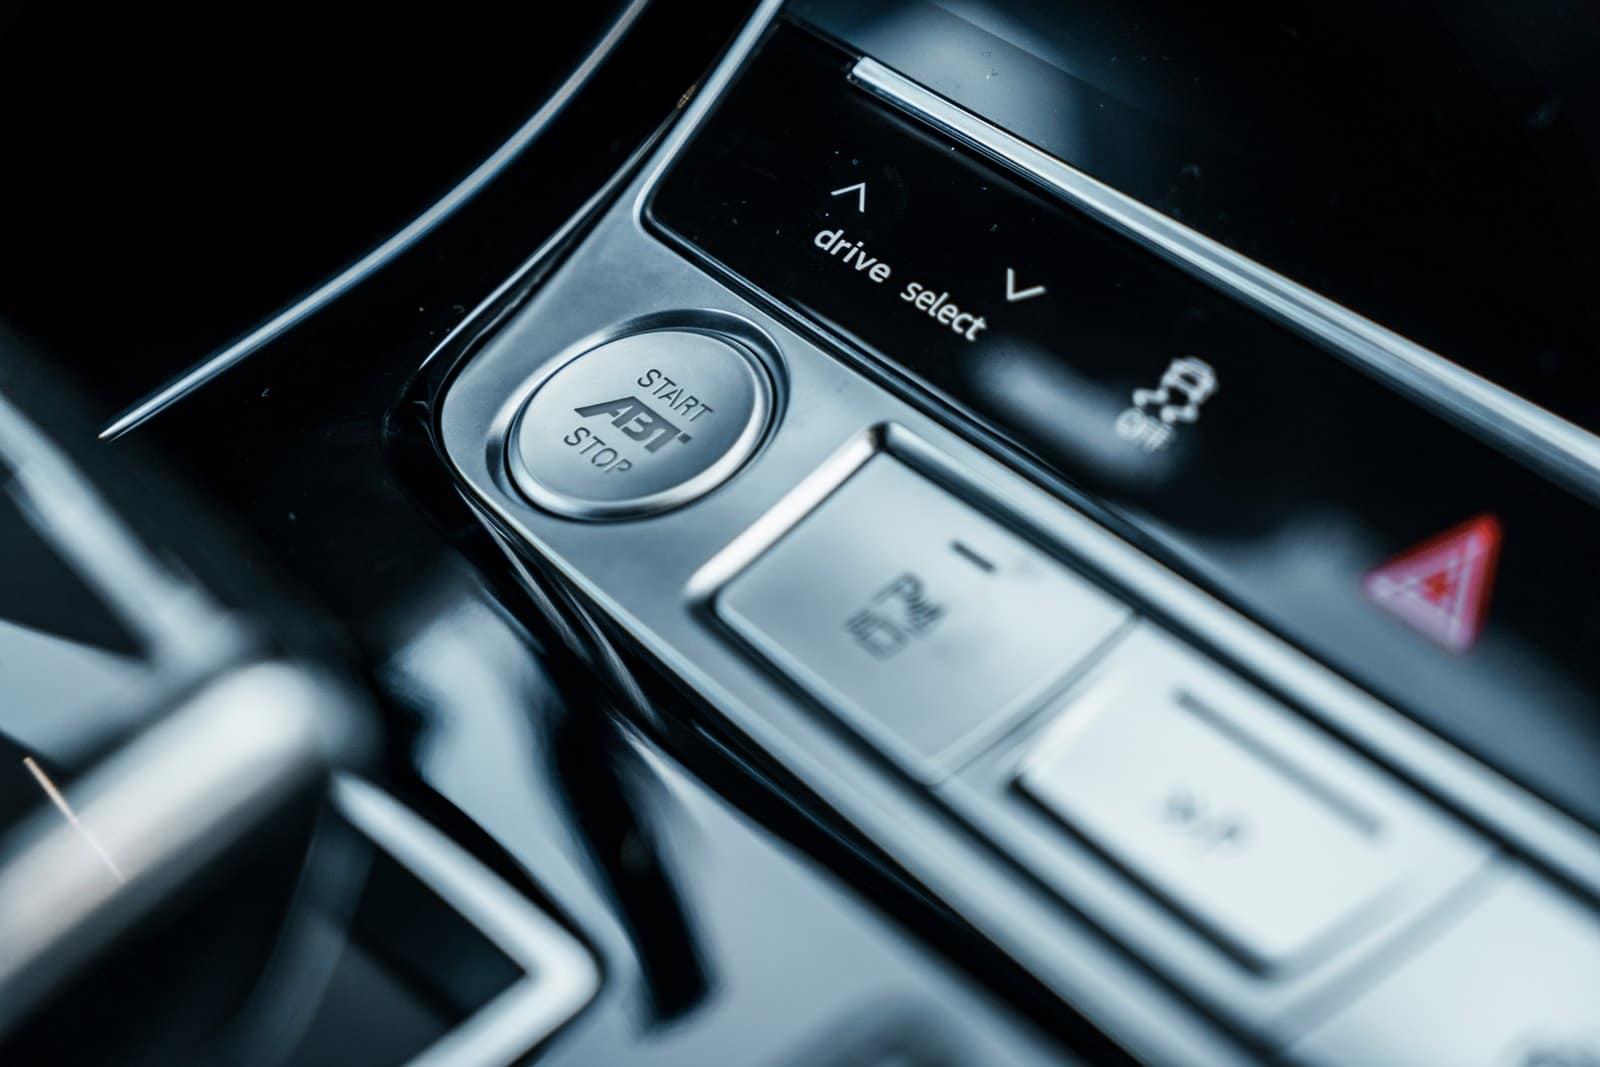 La puesta a punto del Audi SQ7 de ABT no es barata